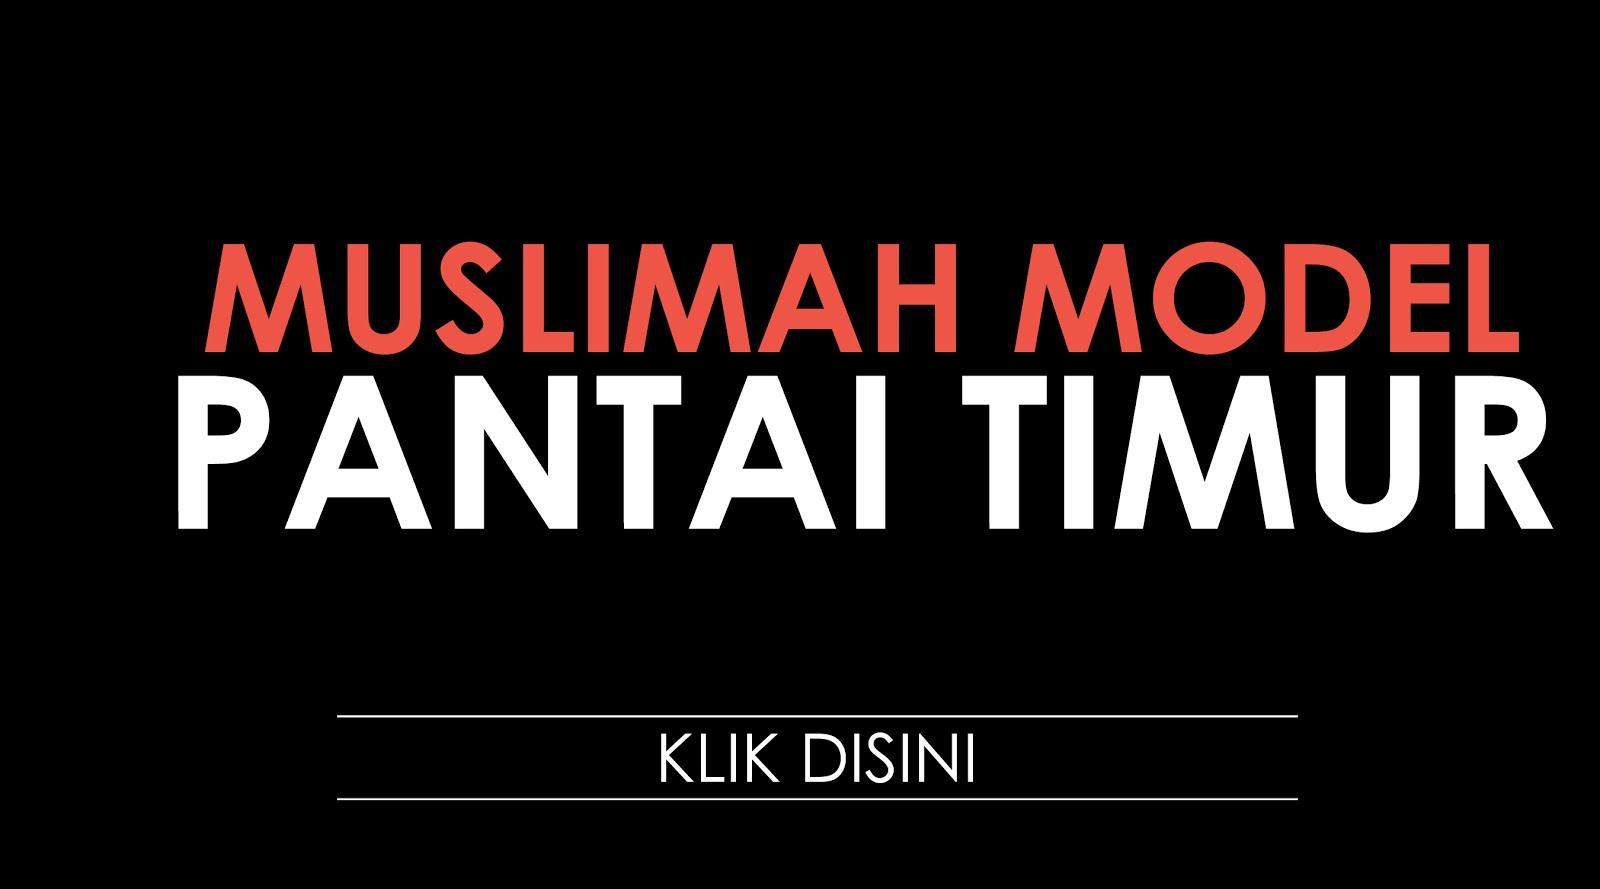 SENARAI MUSLIMAH MODEL PANTAI TIMUR